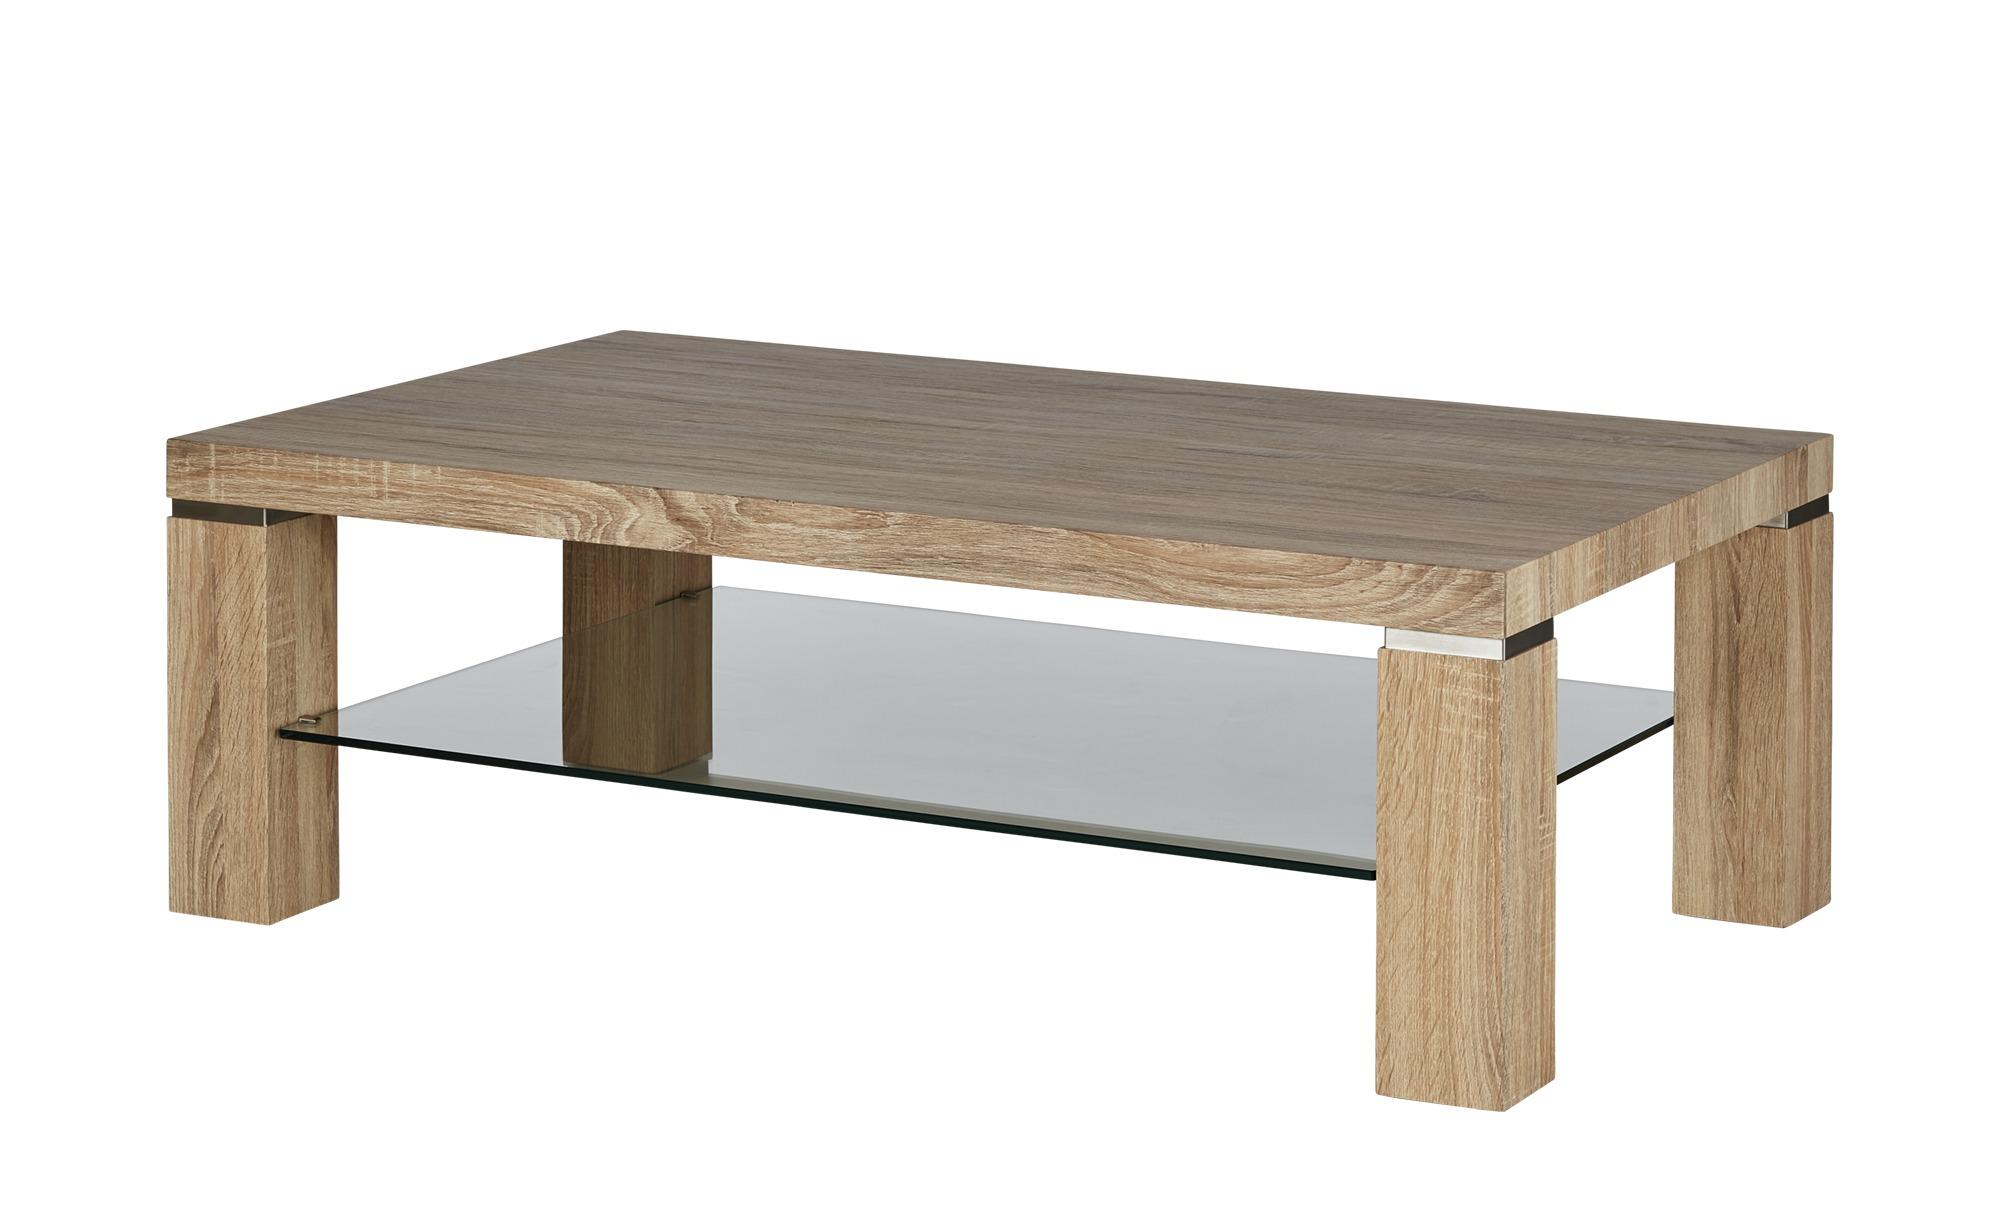 Couchtisch  Helmstedt ¦ holzfarben ¦ Maße (cm): B: 70 H: 40 T: 70 Tische > Couchtische > Couchtische rechteckig - Höffner